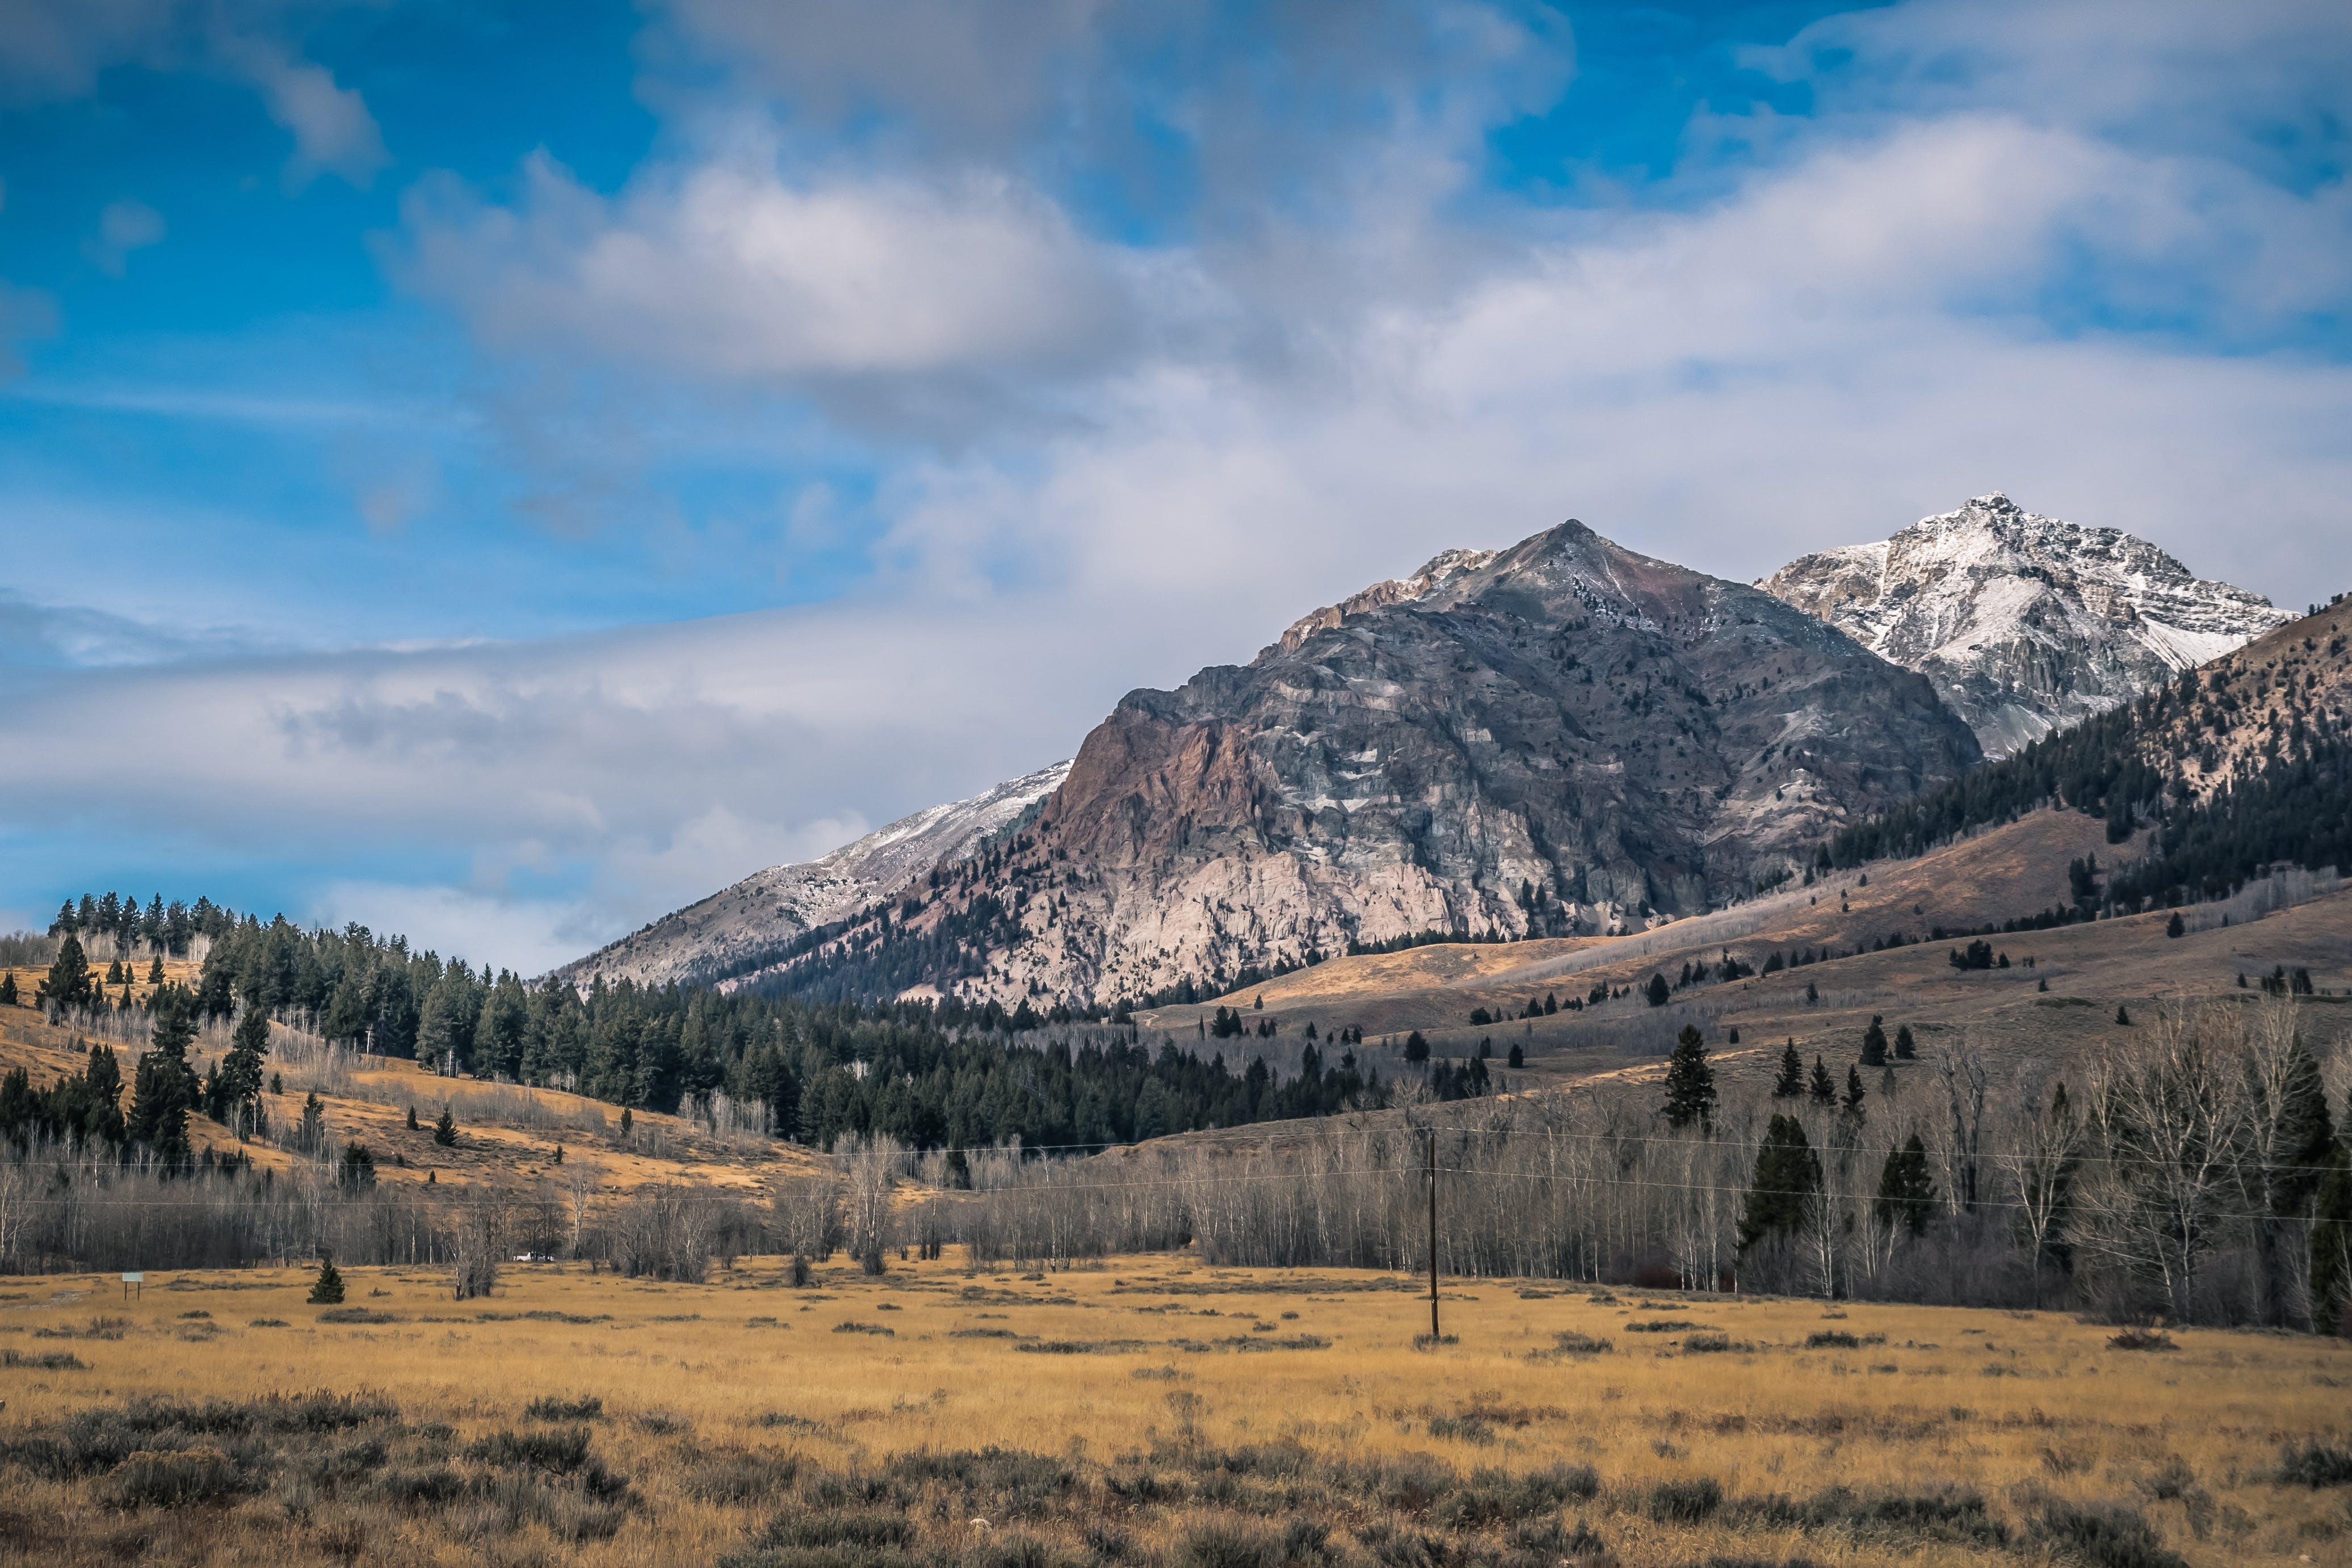 パーク, 山岳, 岩, 日光の無料の写真素材